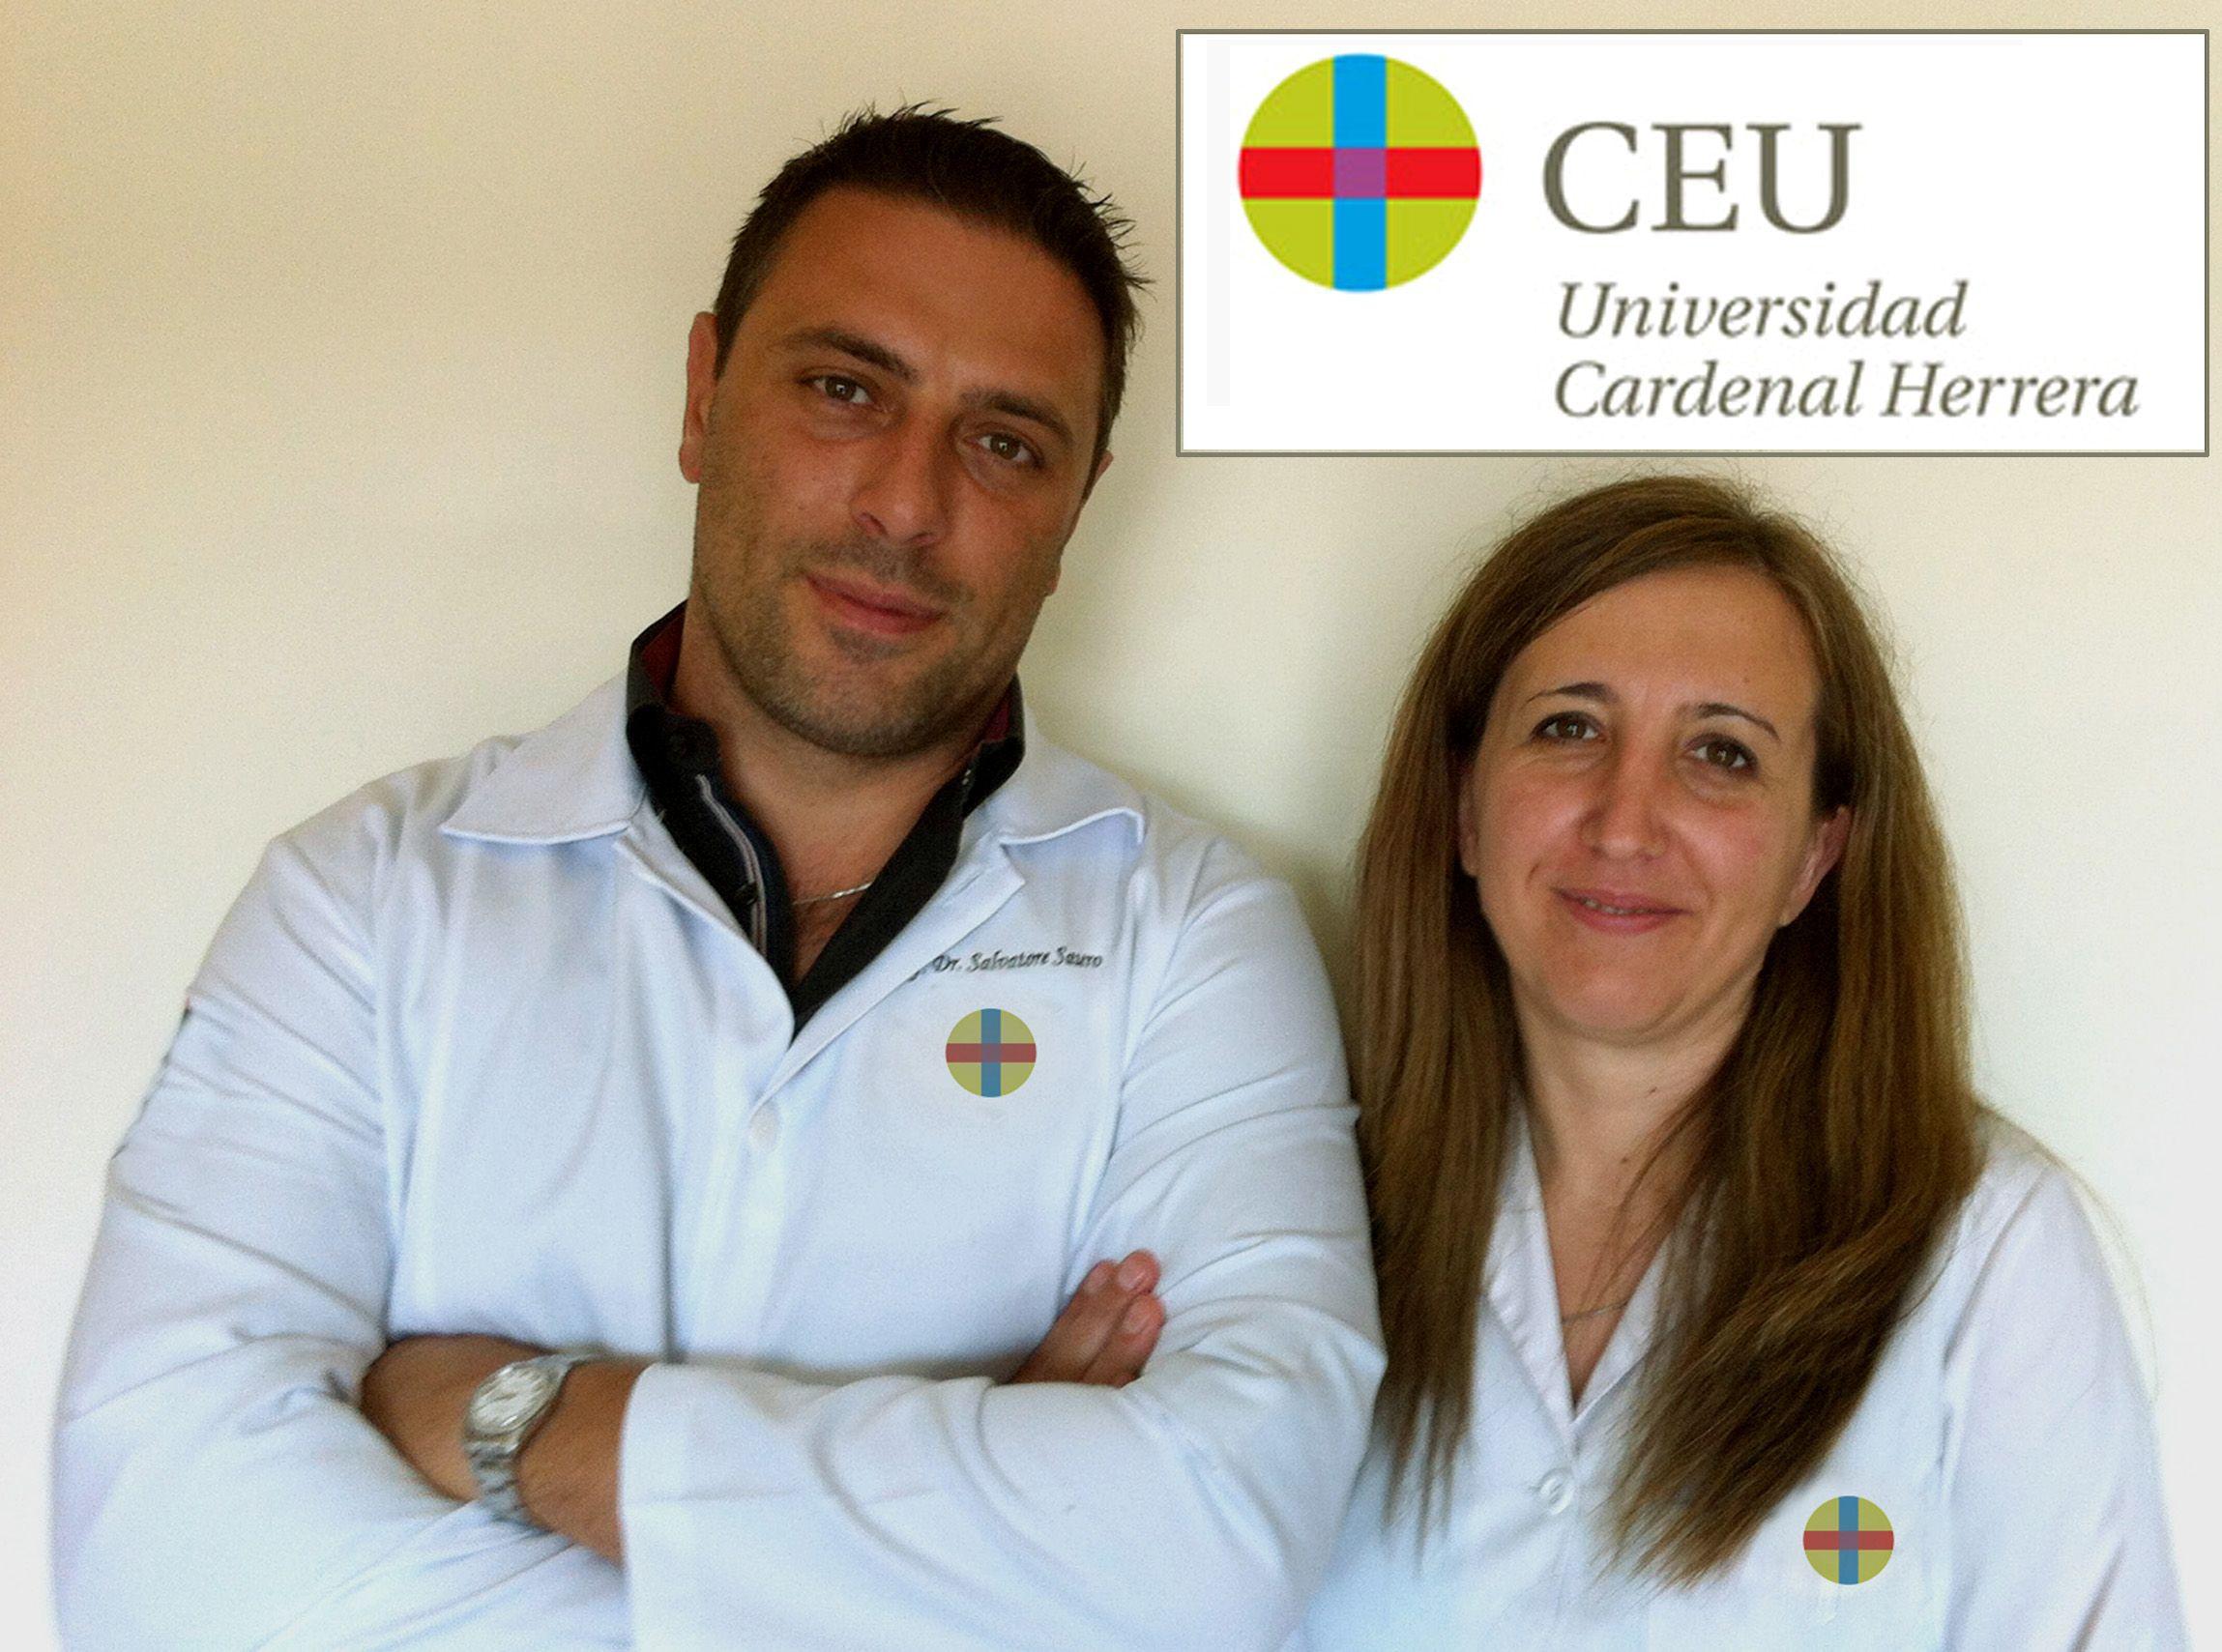 Los doctores de la CEU-UCH Sauro y Luzi, miembros del equipo internacional de investigación en Odontología.